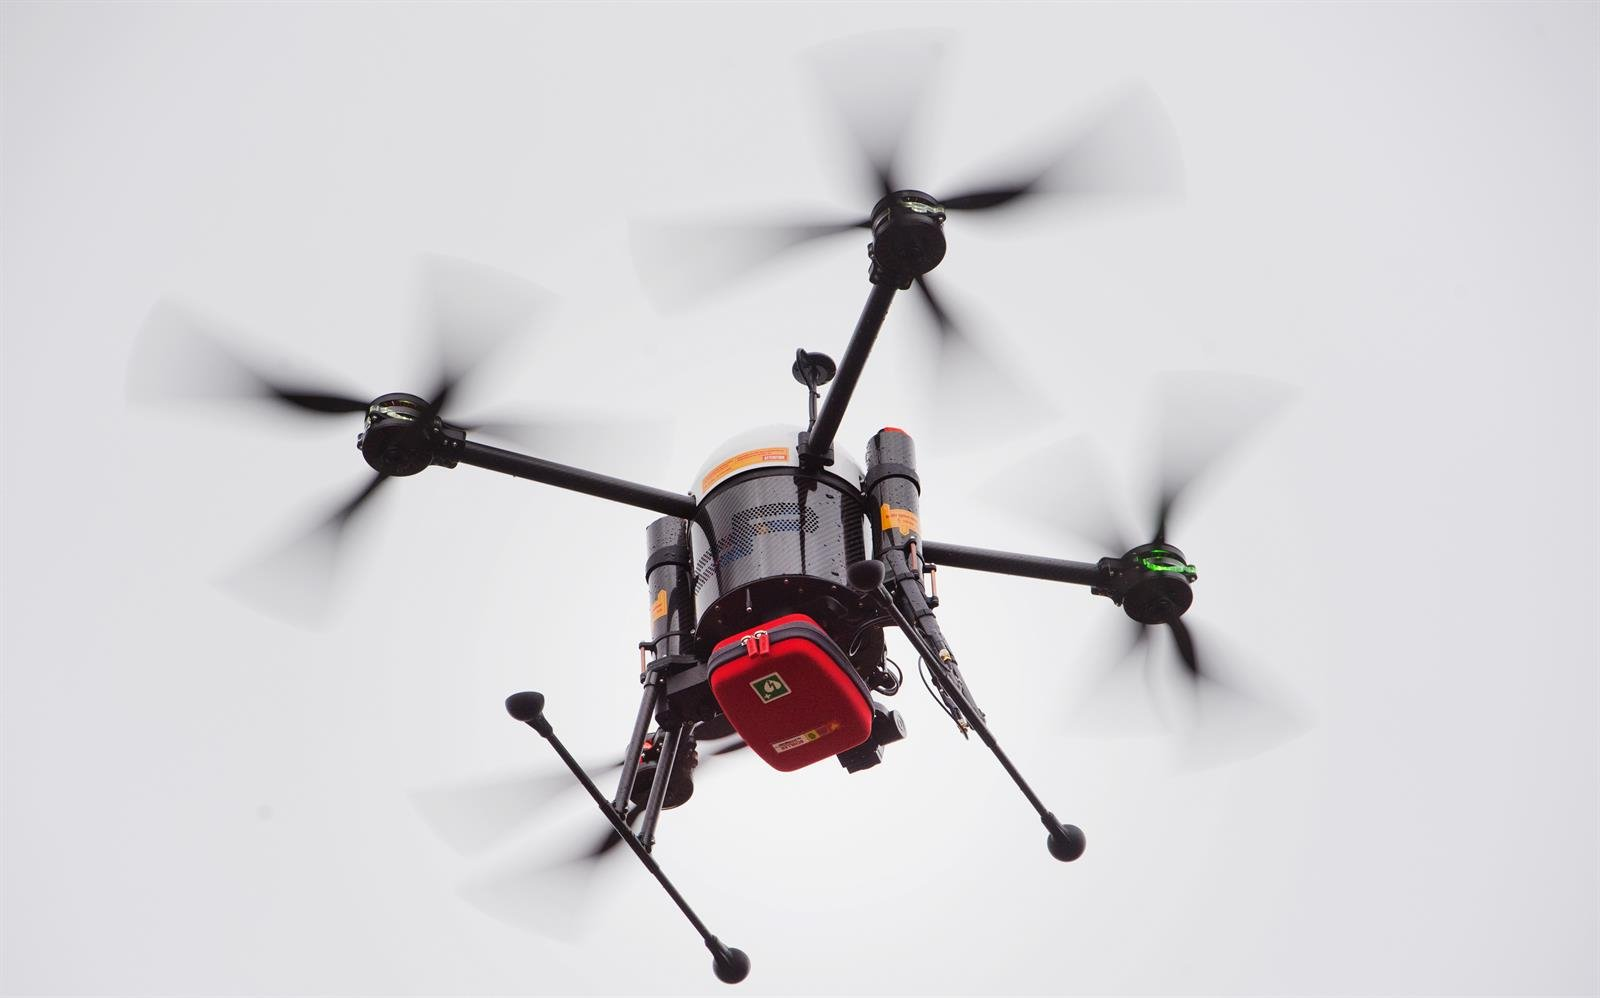 Agentes policiales reciben formación en materia de drones y gestión de emergencias